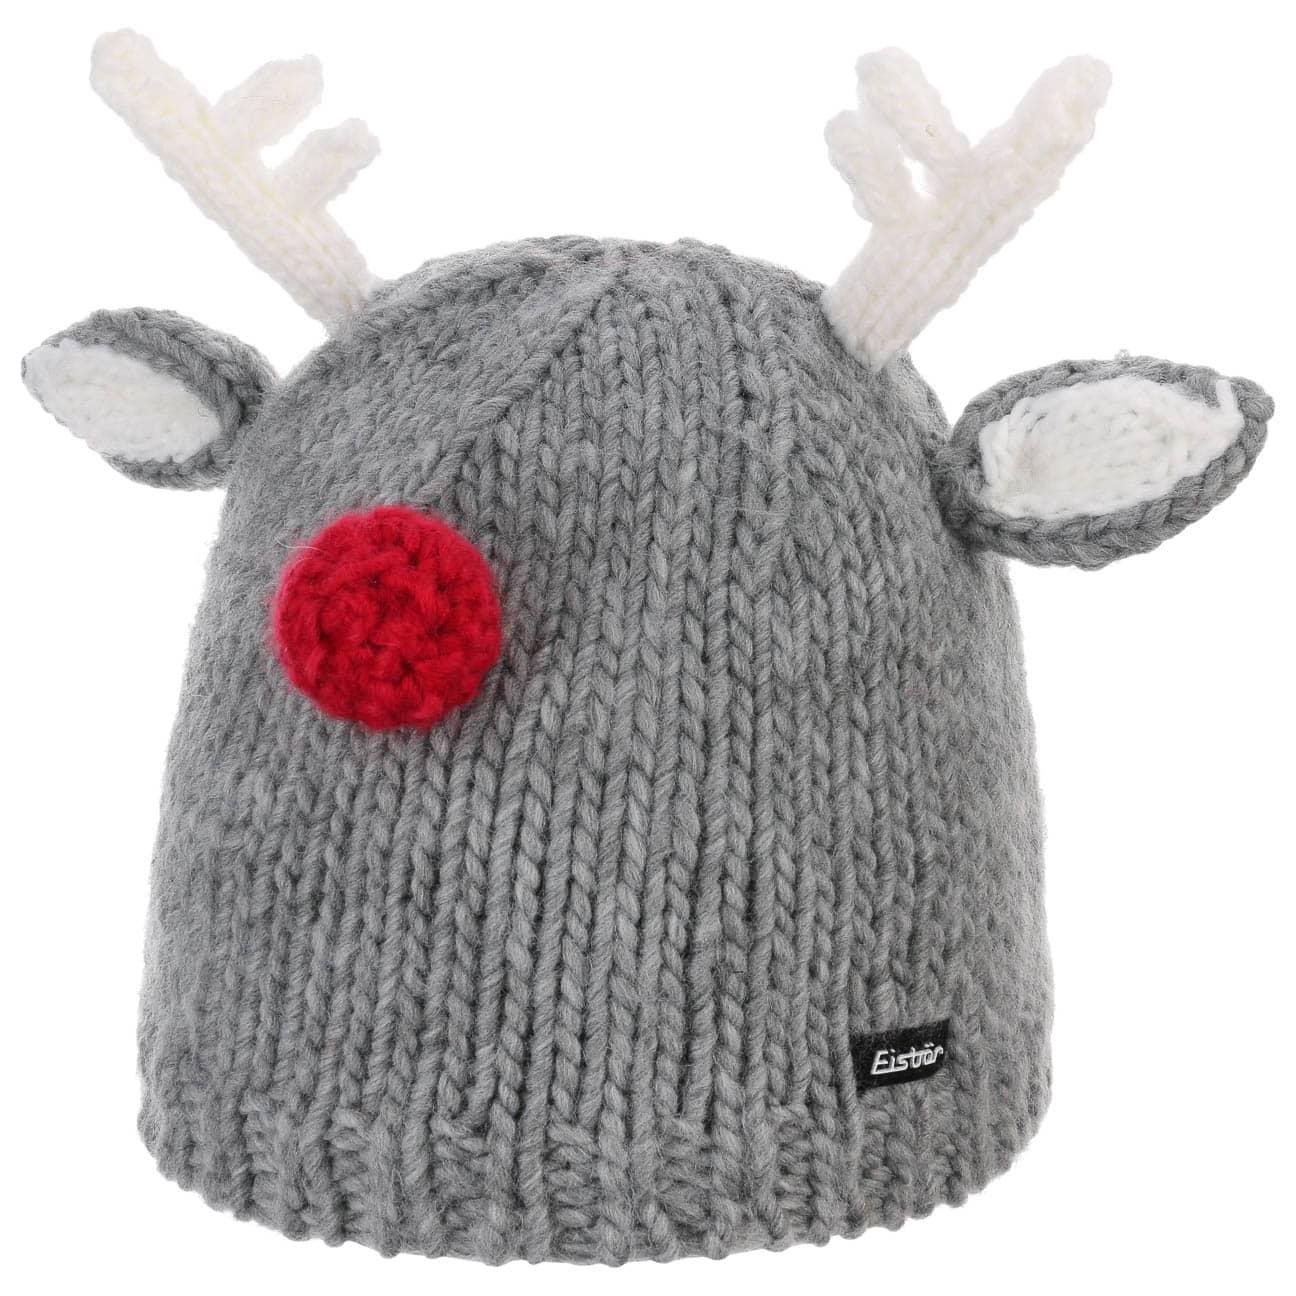 Bonnet pour Enfant Reindeer by Eisbär  bonnet beanie